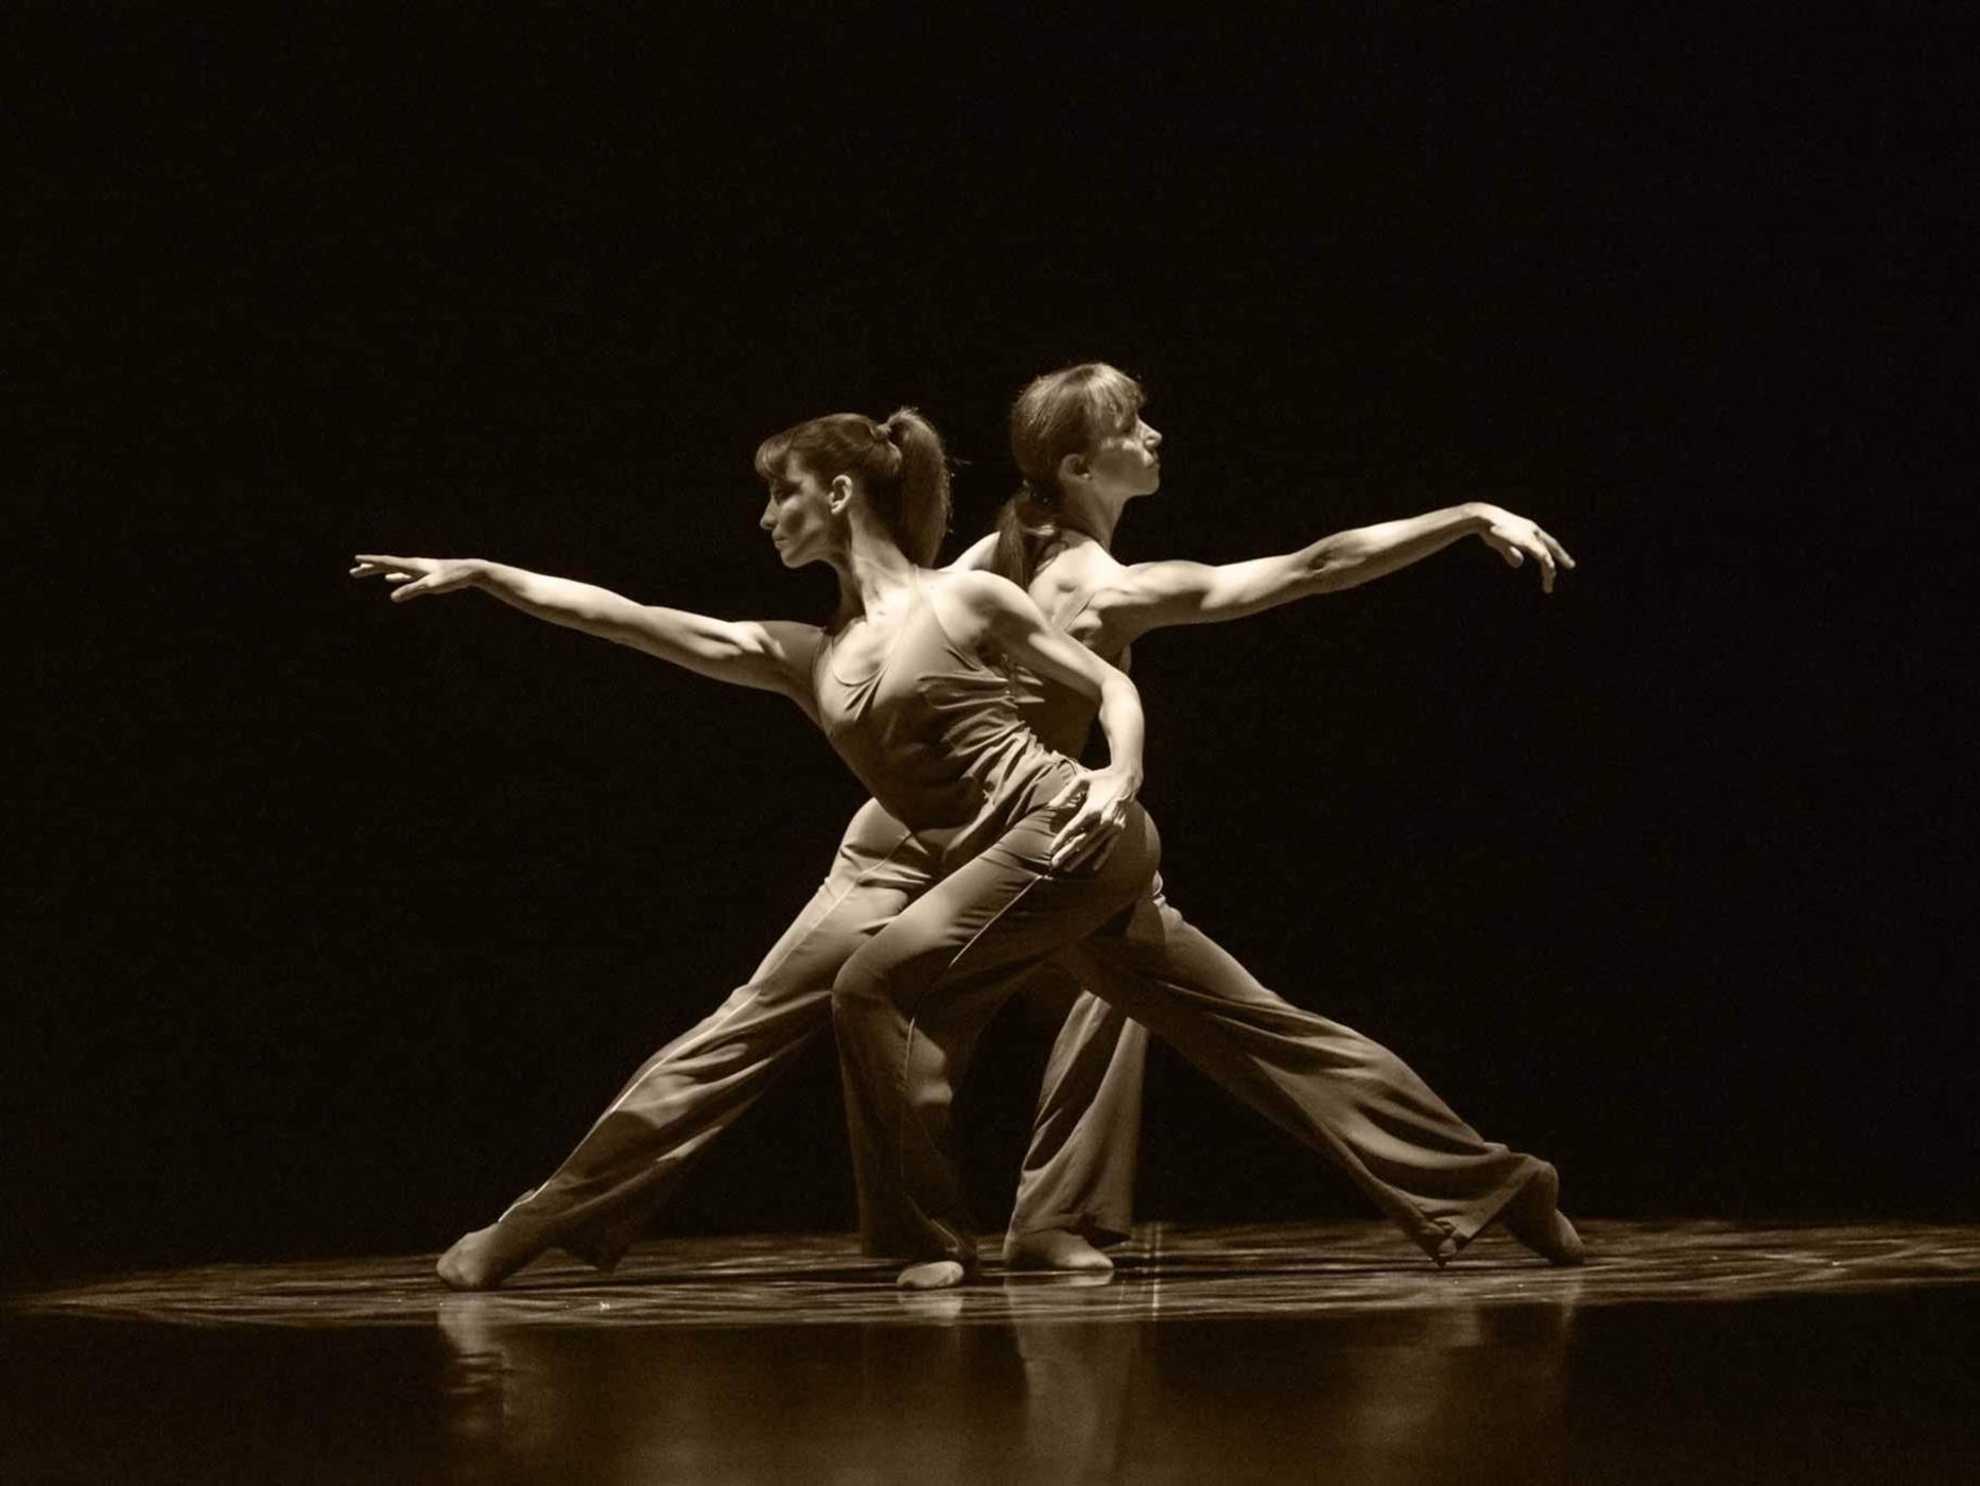 Αποτέλεσμα εικόνας για Ο Ρυθμικός Χορός - Alan Watts